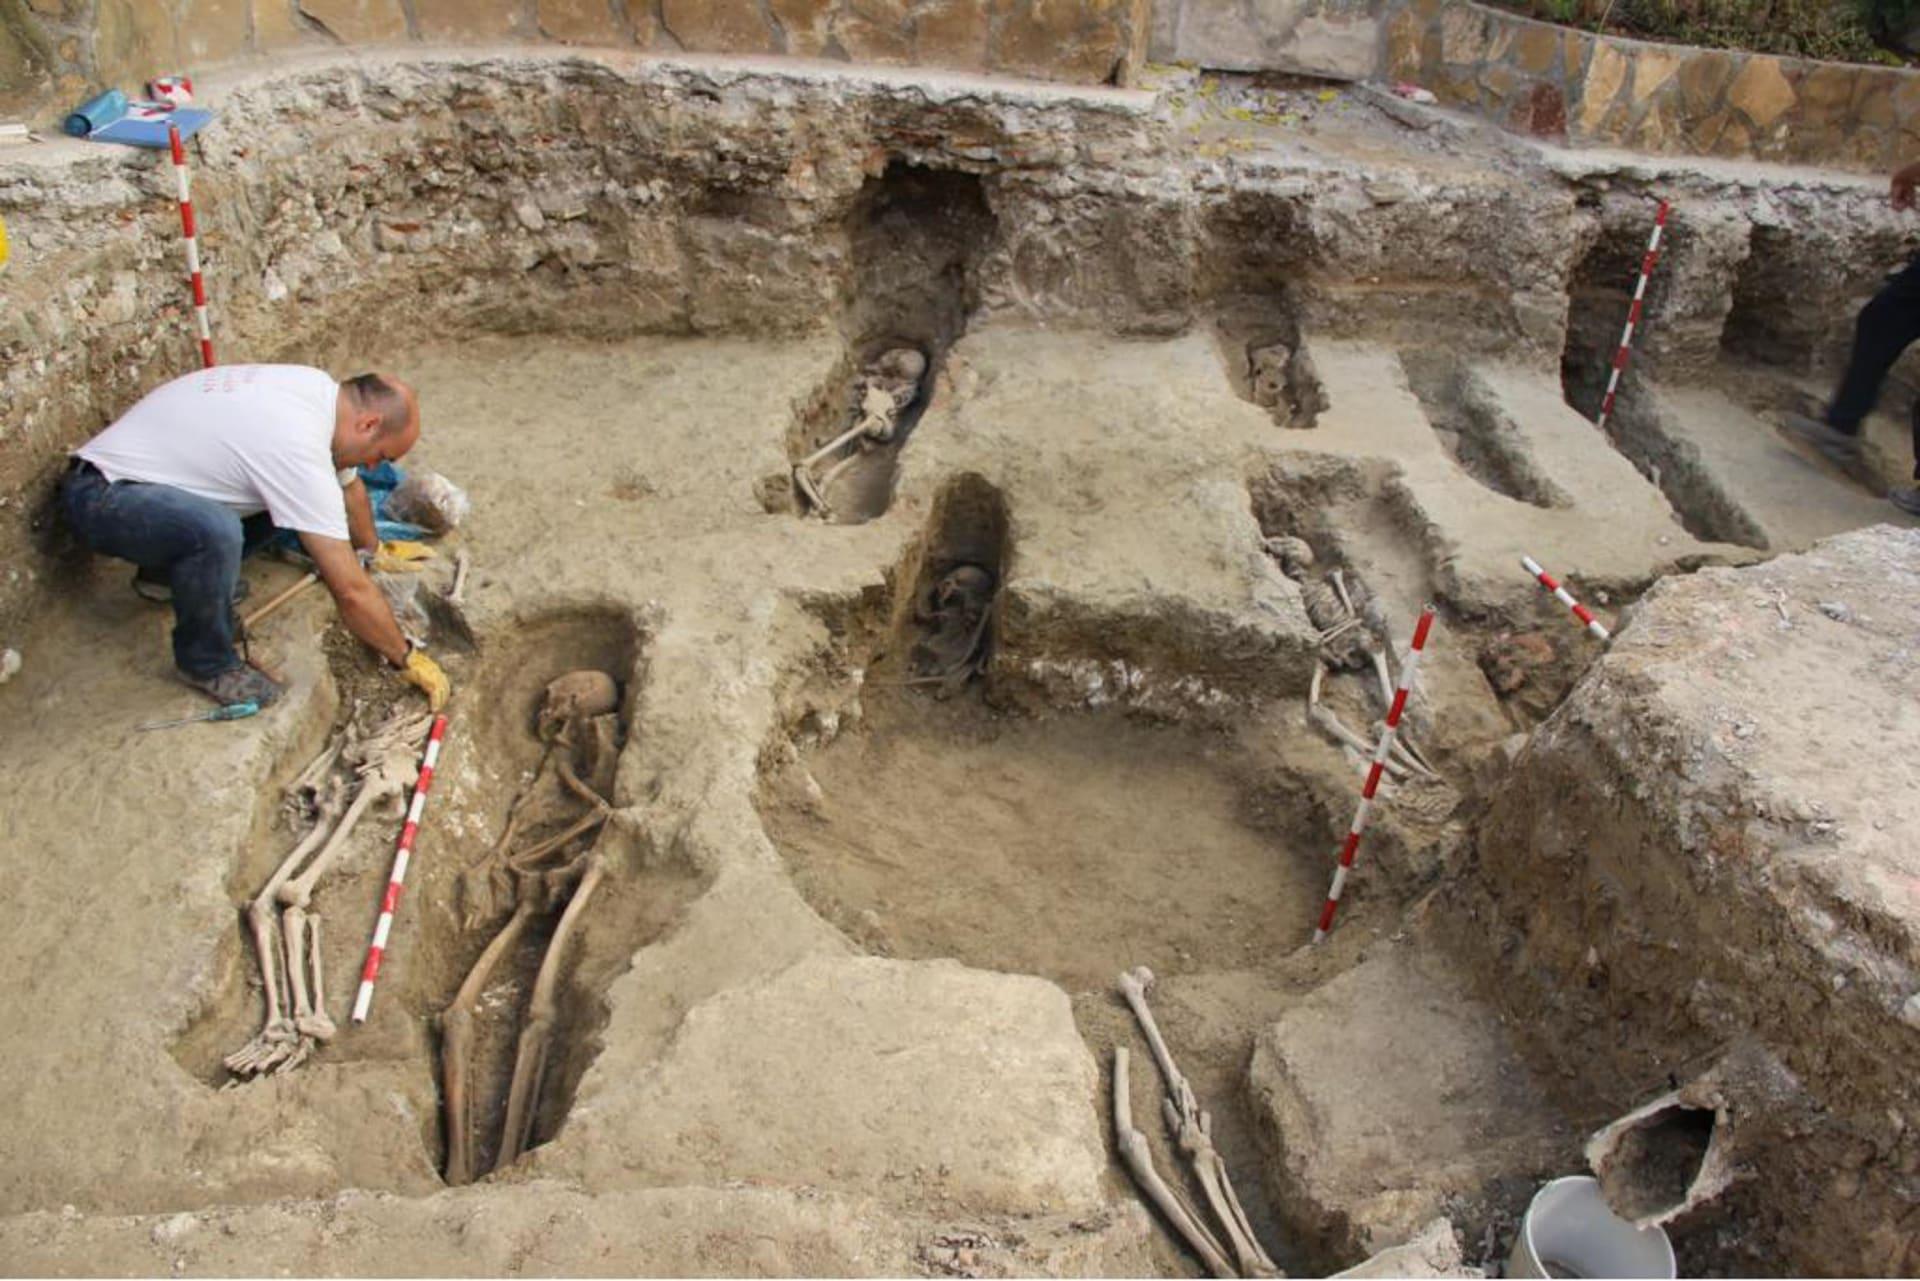 في إسبانيا.. علماء آثار يكتشفون 400 قبر في مقبرة إسلامية قديمة